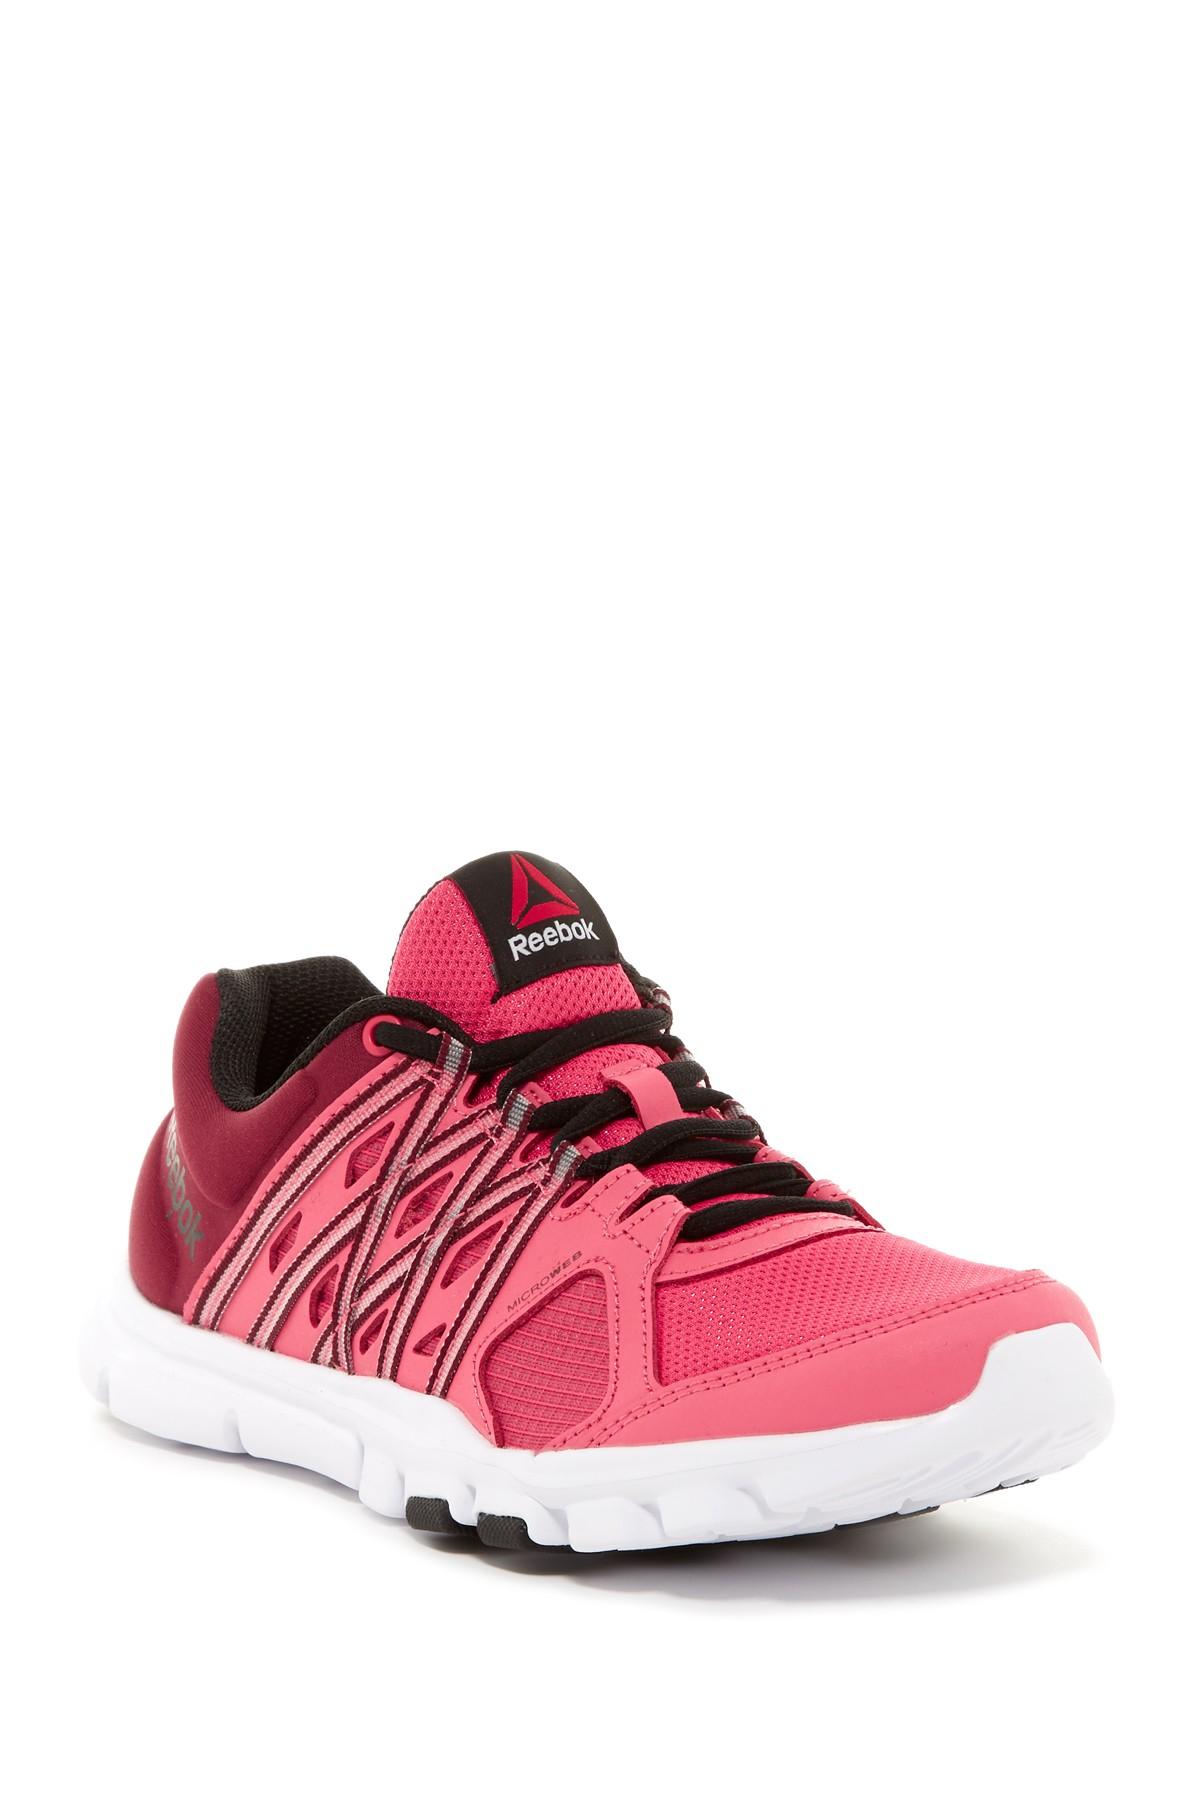 b88e03168c4954 Lyst - Reebok Yourflex Trainette 8.0 Lmt Sneaker in Pink